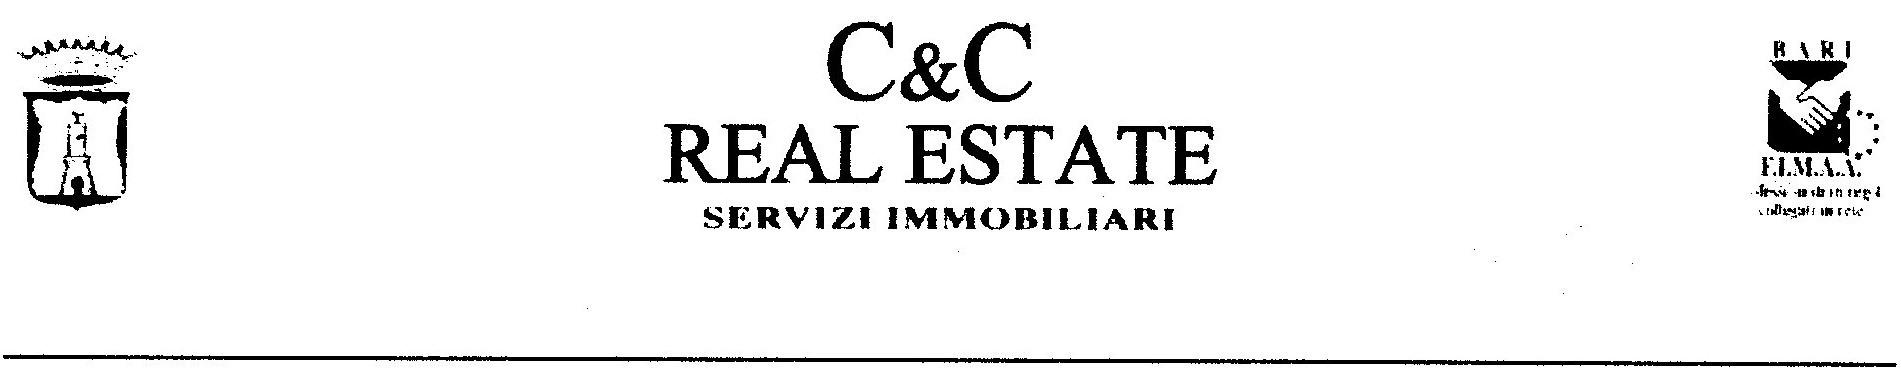 C & C  REAL ESTATE SERVIZI IMMOBILIARI